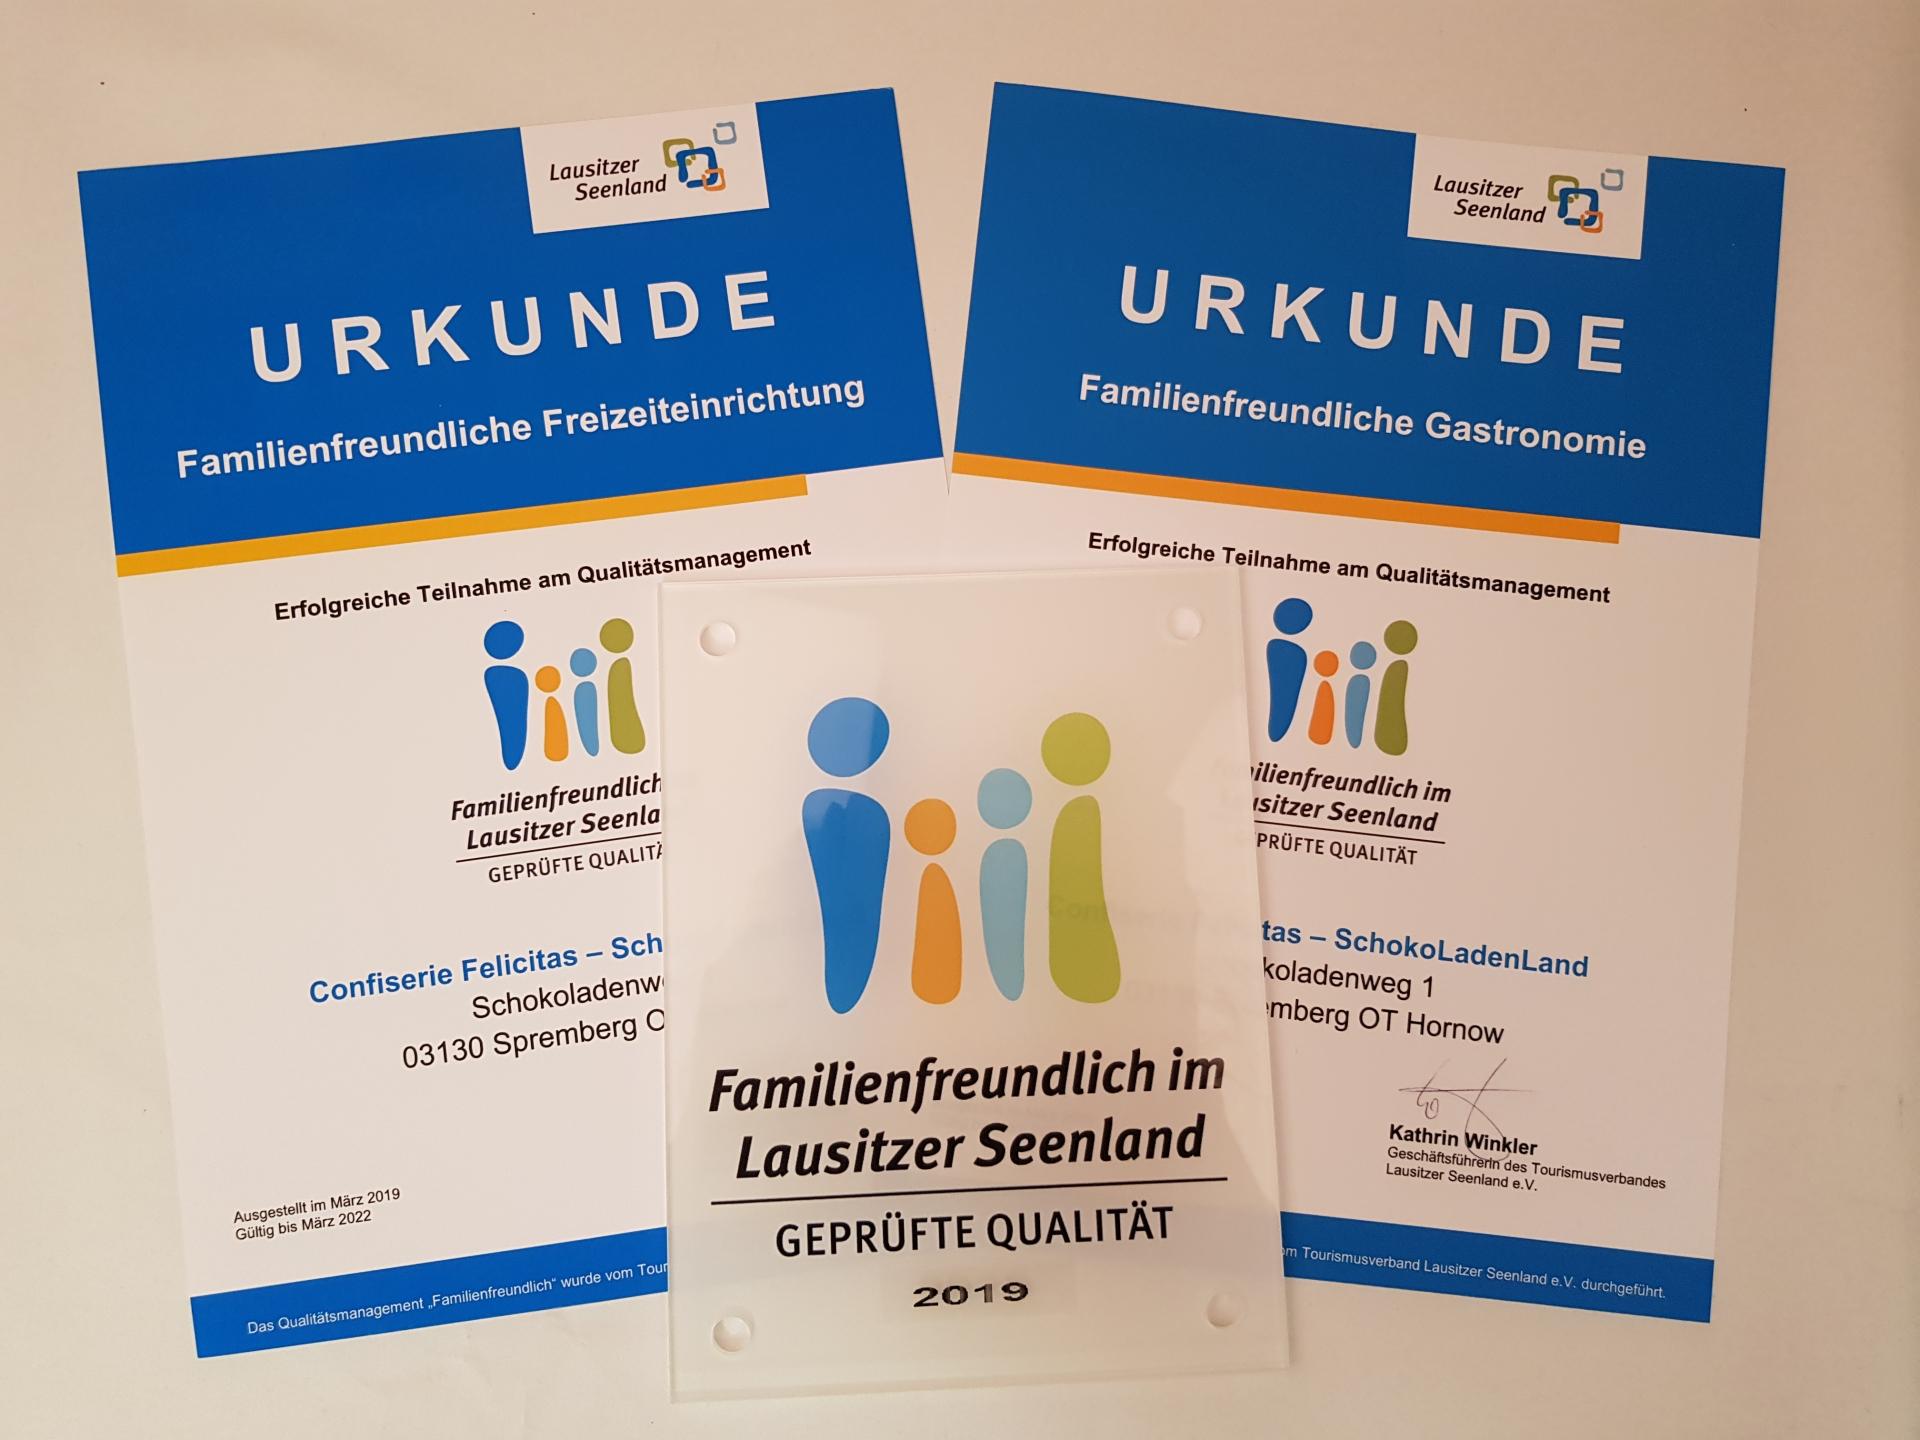 5_Familienfreundliche-Freizeiteinrichtung-und-Gastro-1